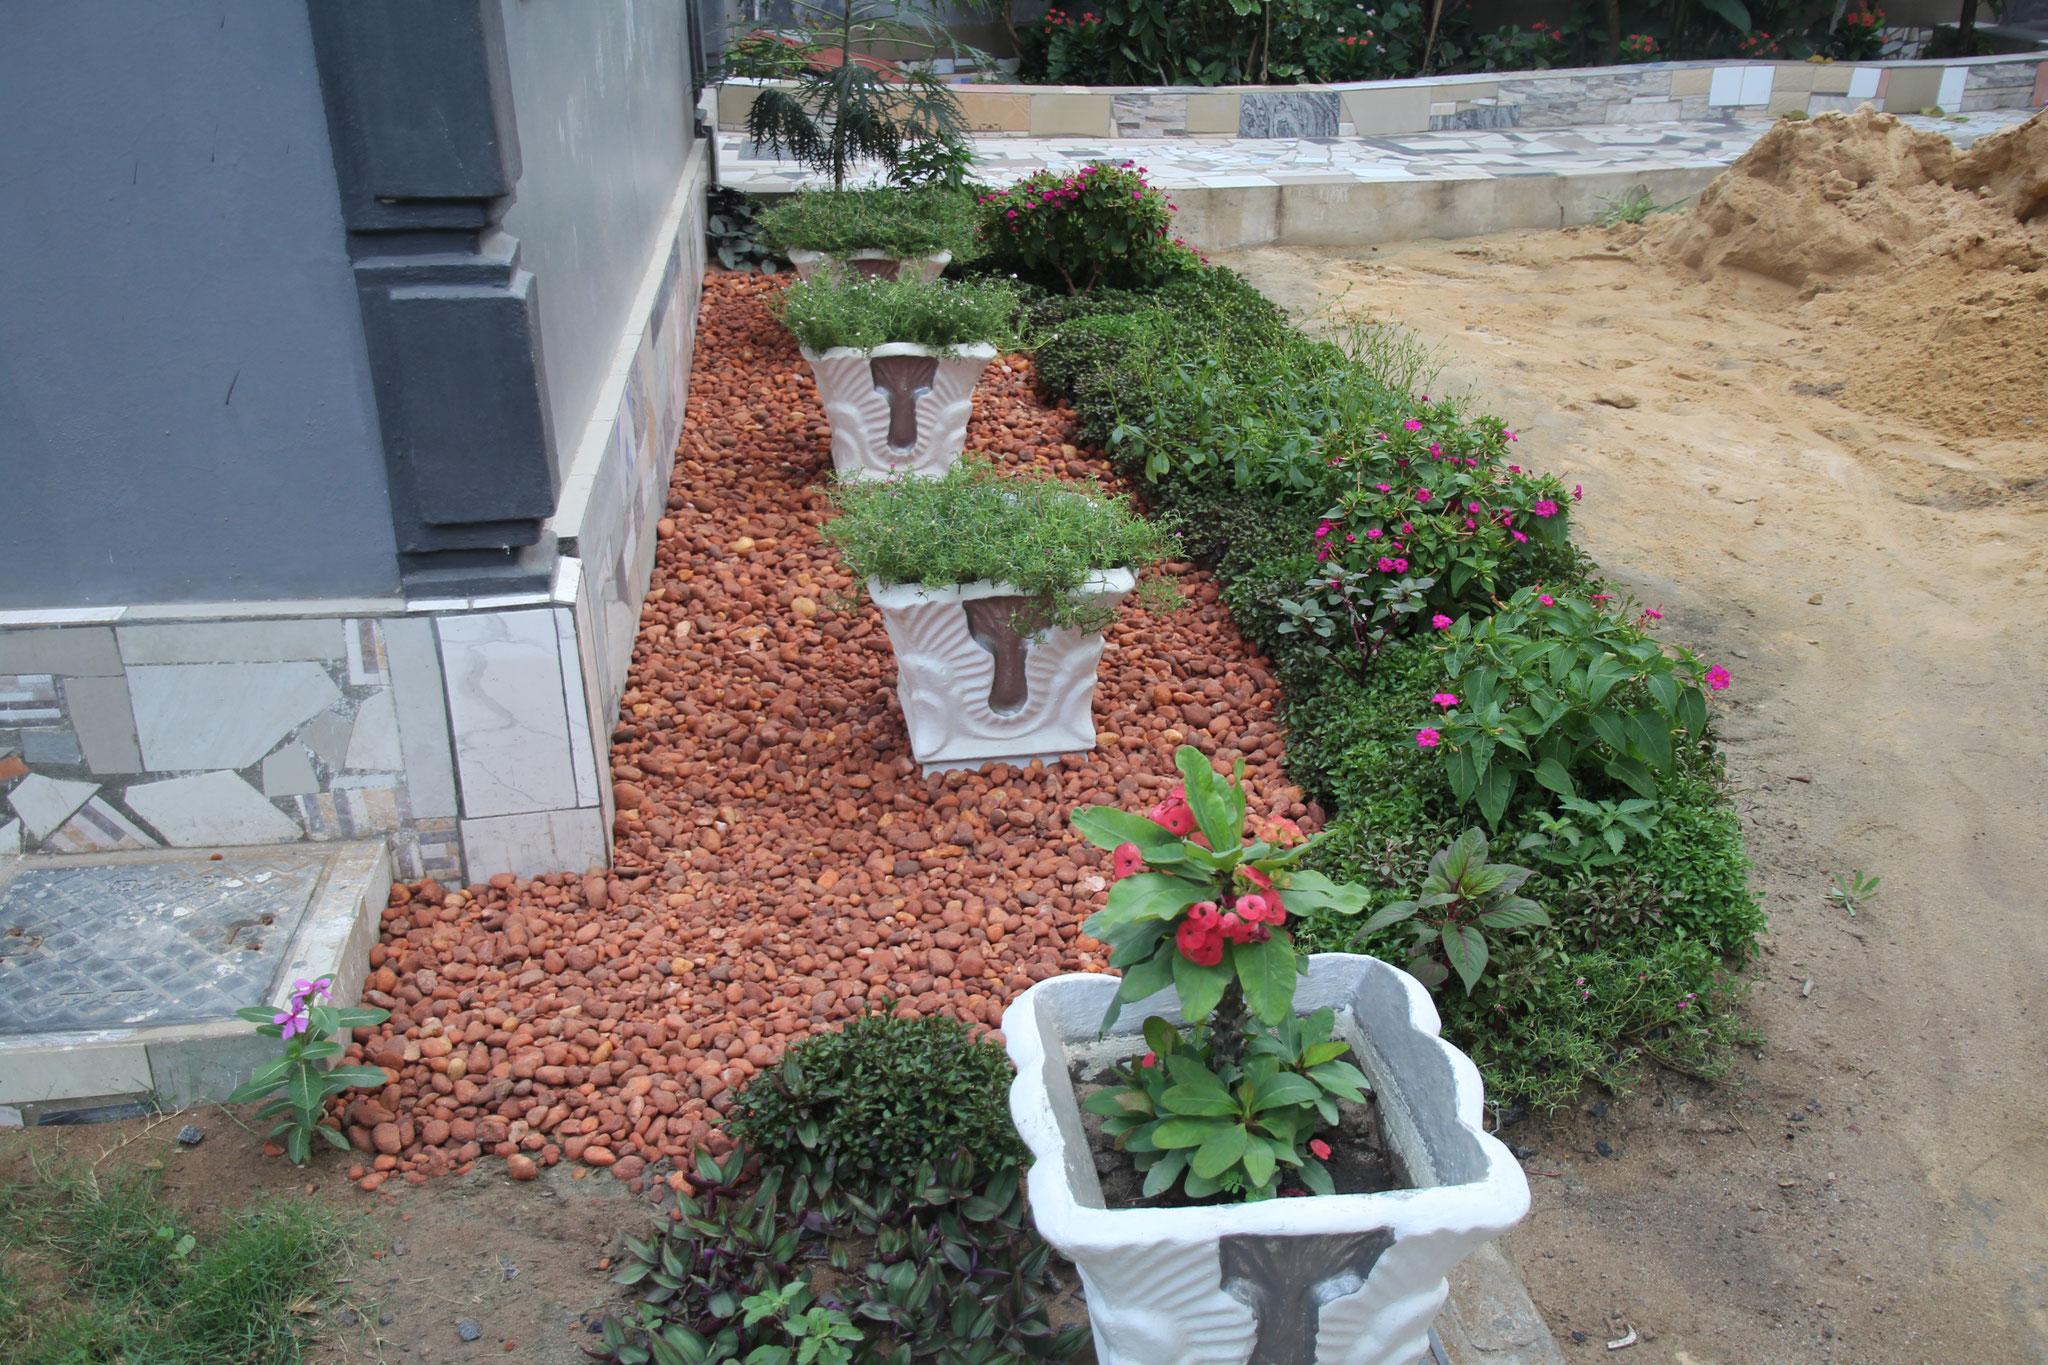 Der Rest wird später mit Sand aufgefüllt und bepflanzt.